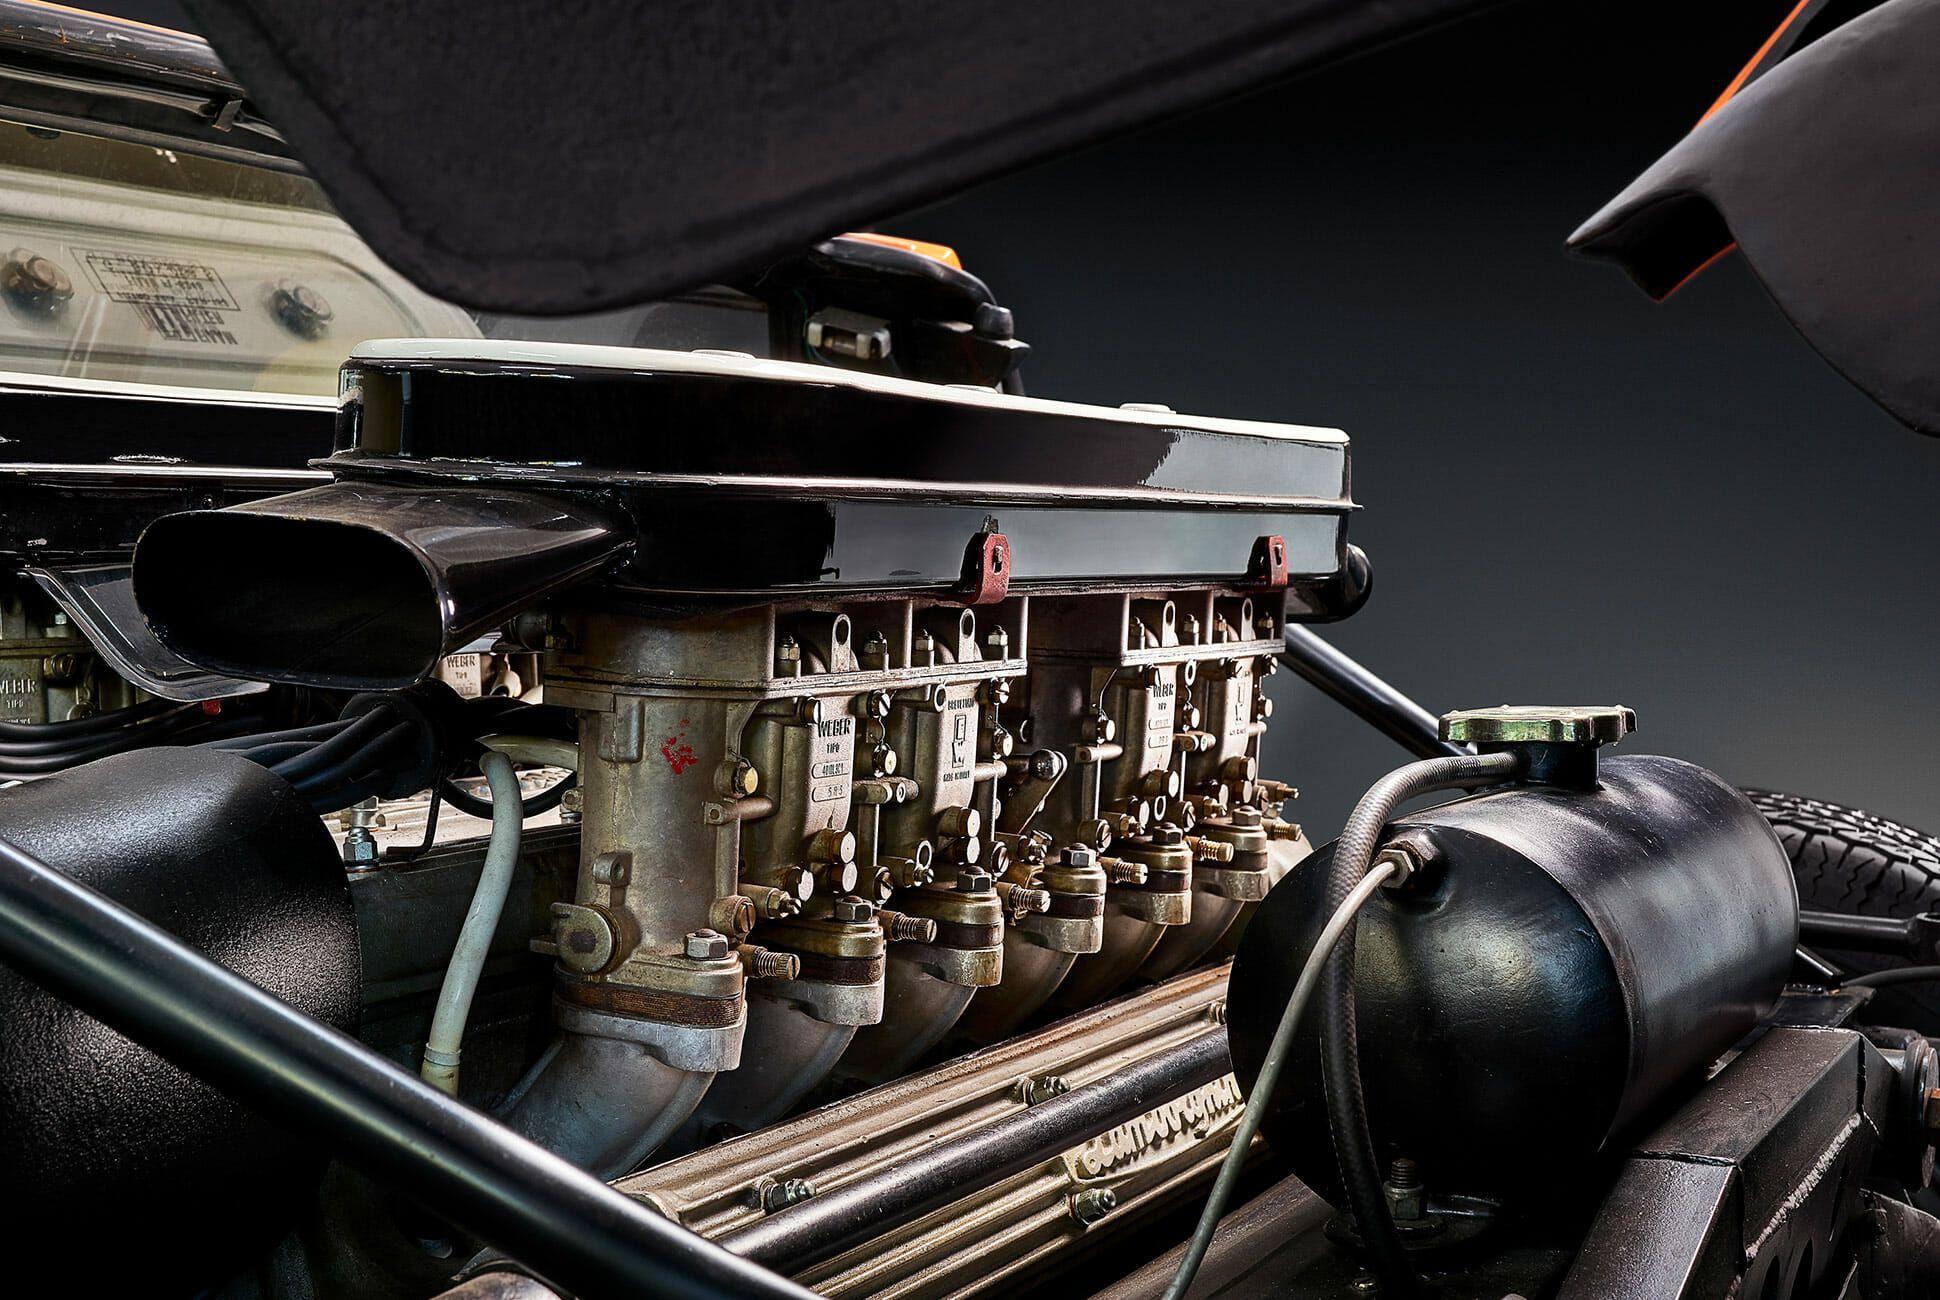 Lamborghini-Miura-P400-Italian-Job-gear-patrol-slide-8